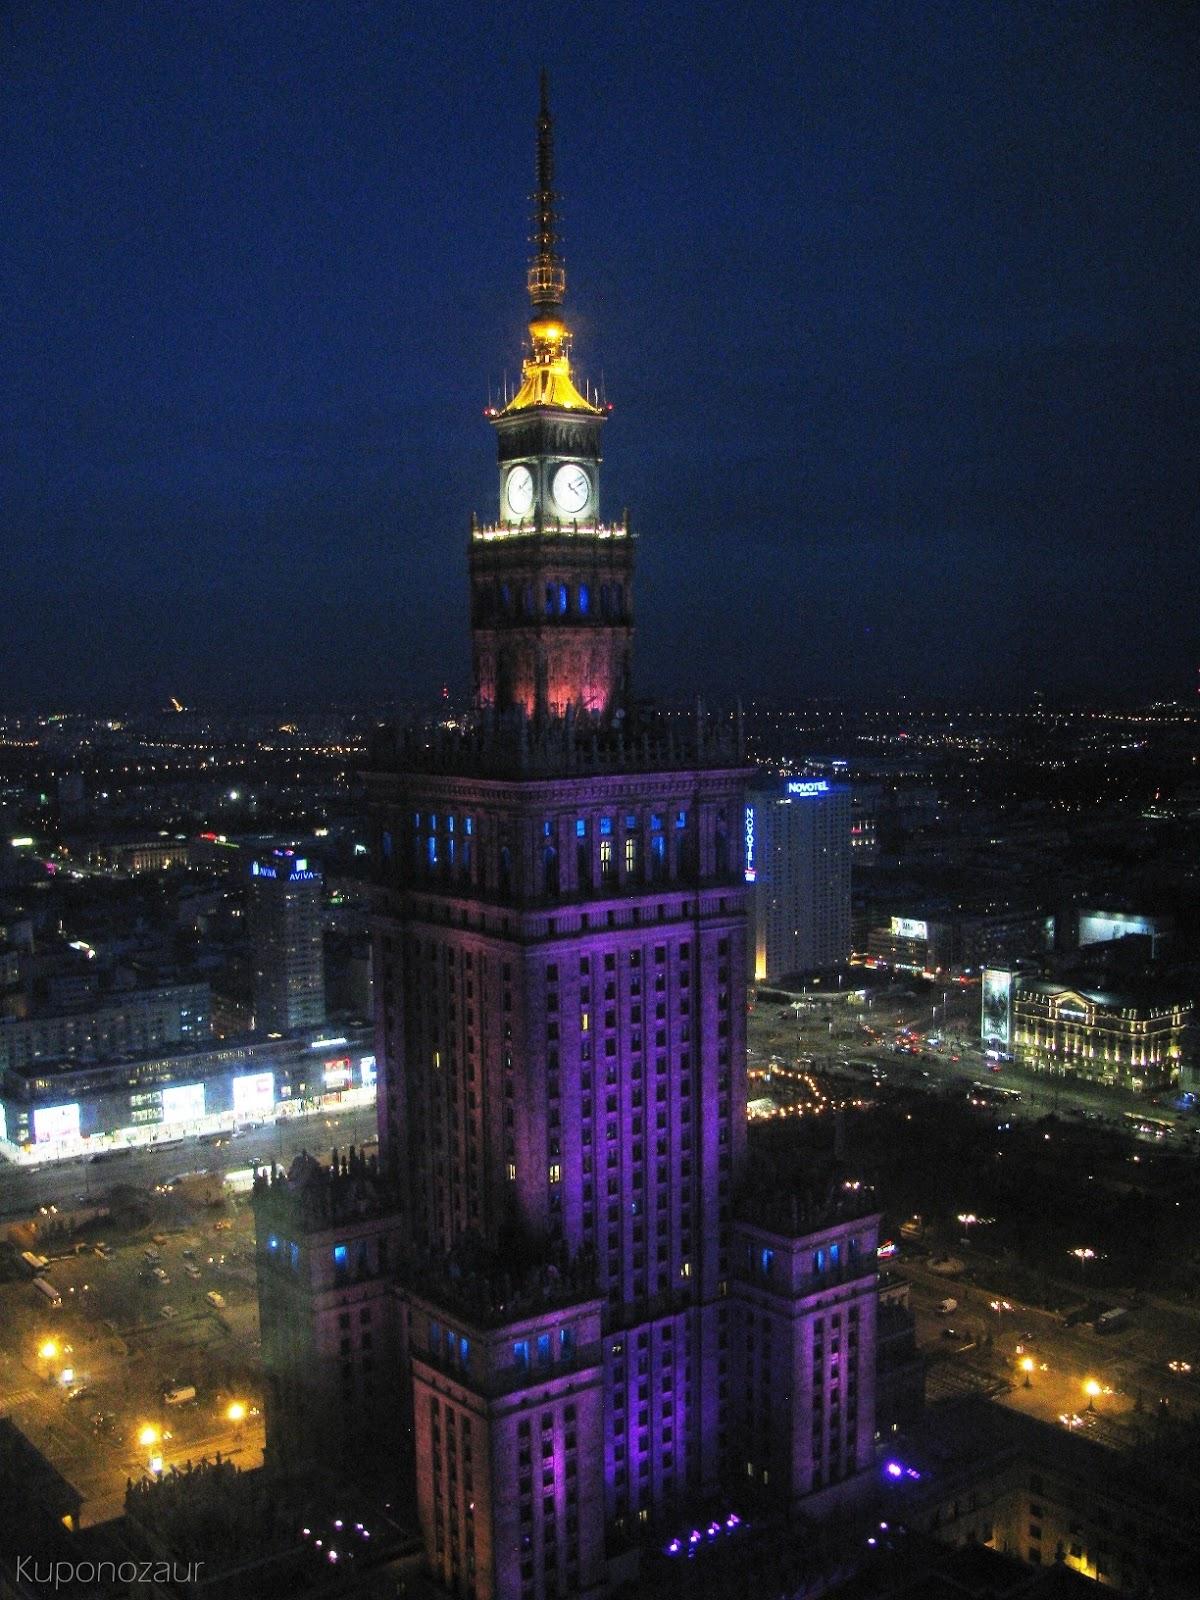 InterContinental Warszawa pałac kultury w nocy